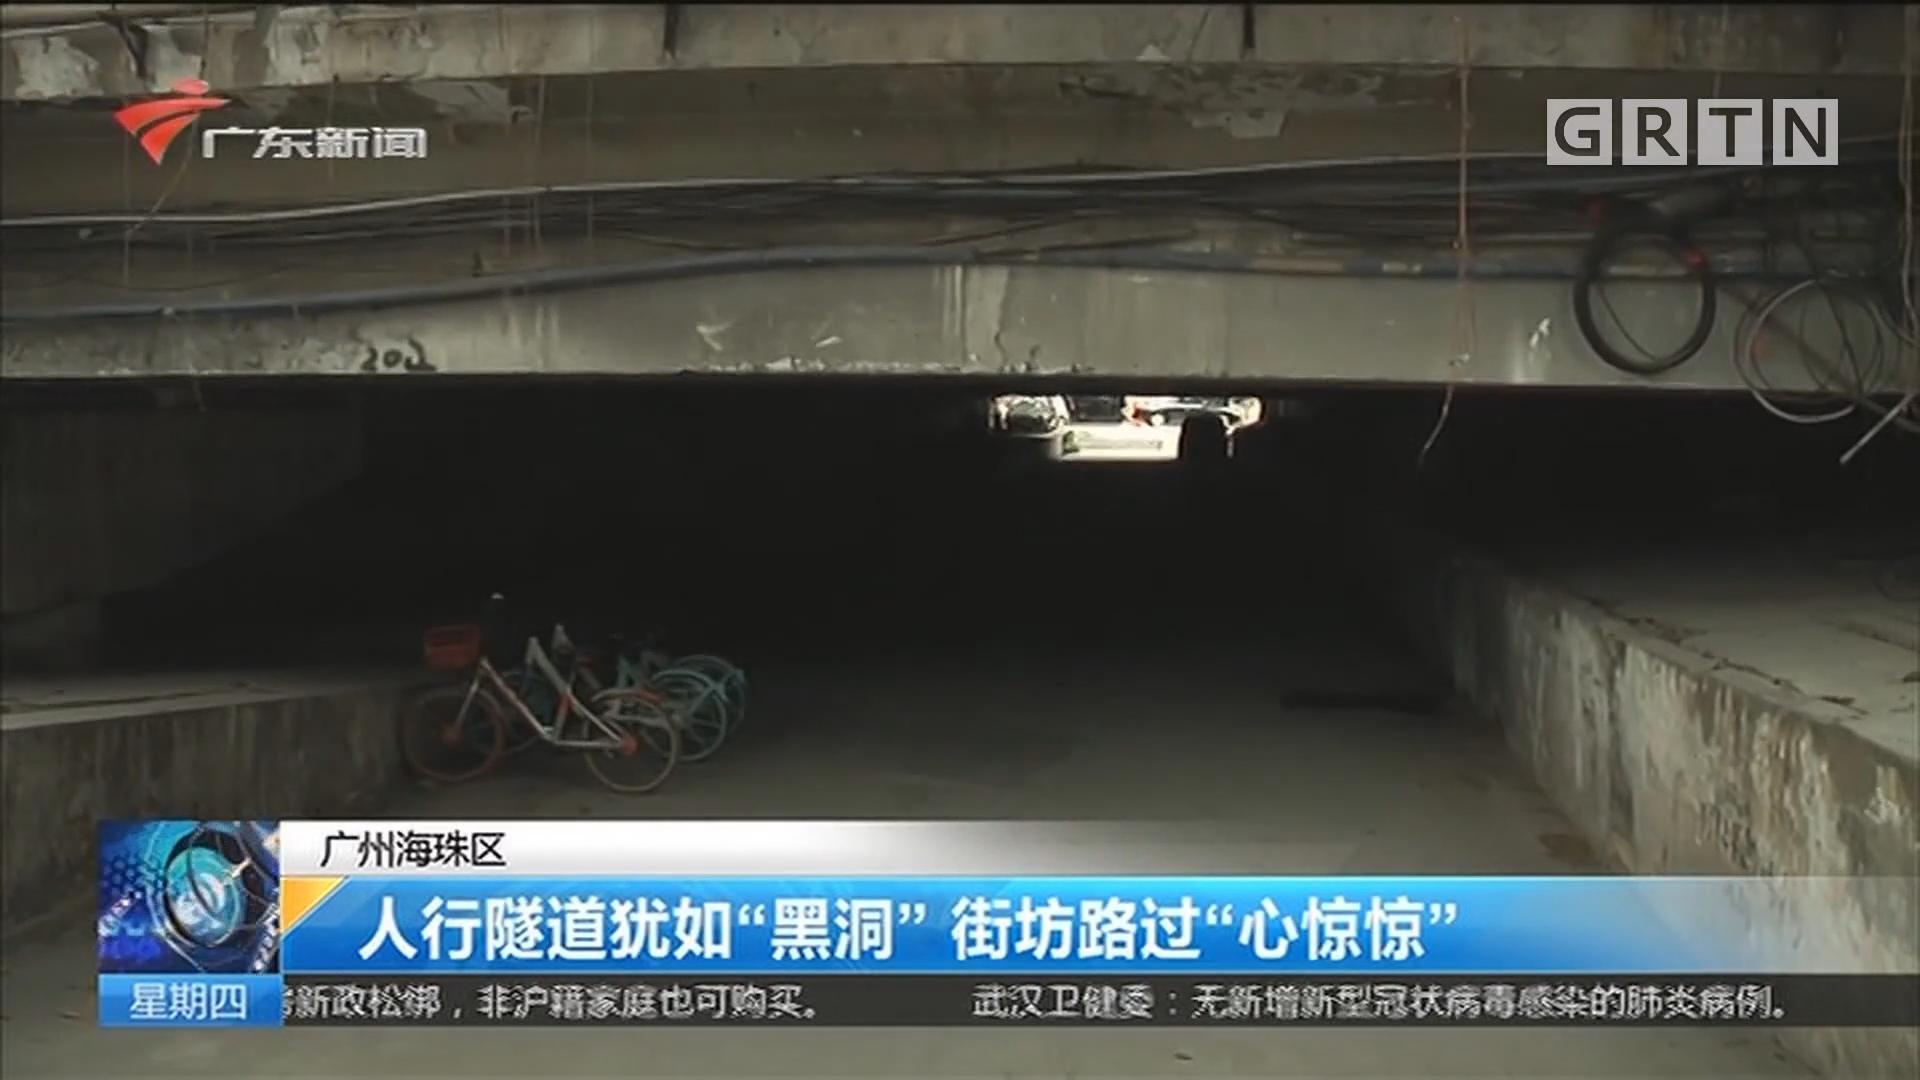 """广州海珠区:人行隧道犹如""""黑洞"""" 街坊路过""""心惊惊"""""""